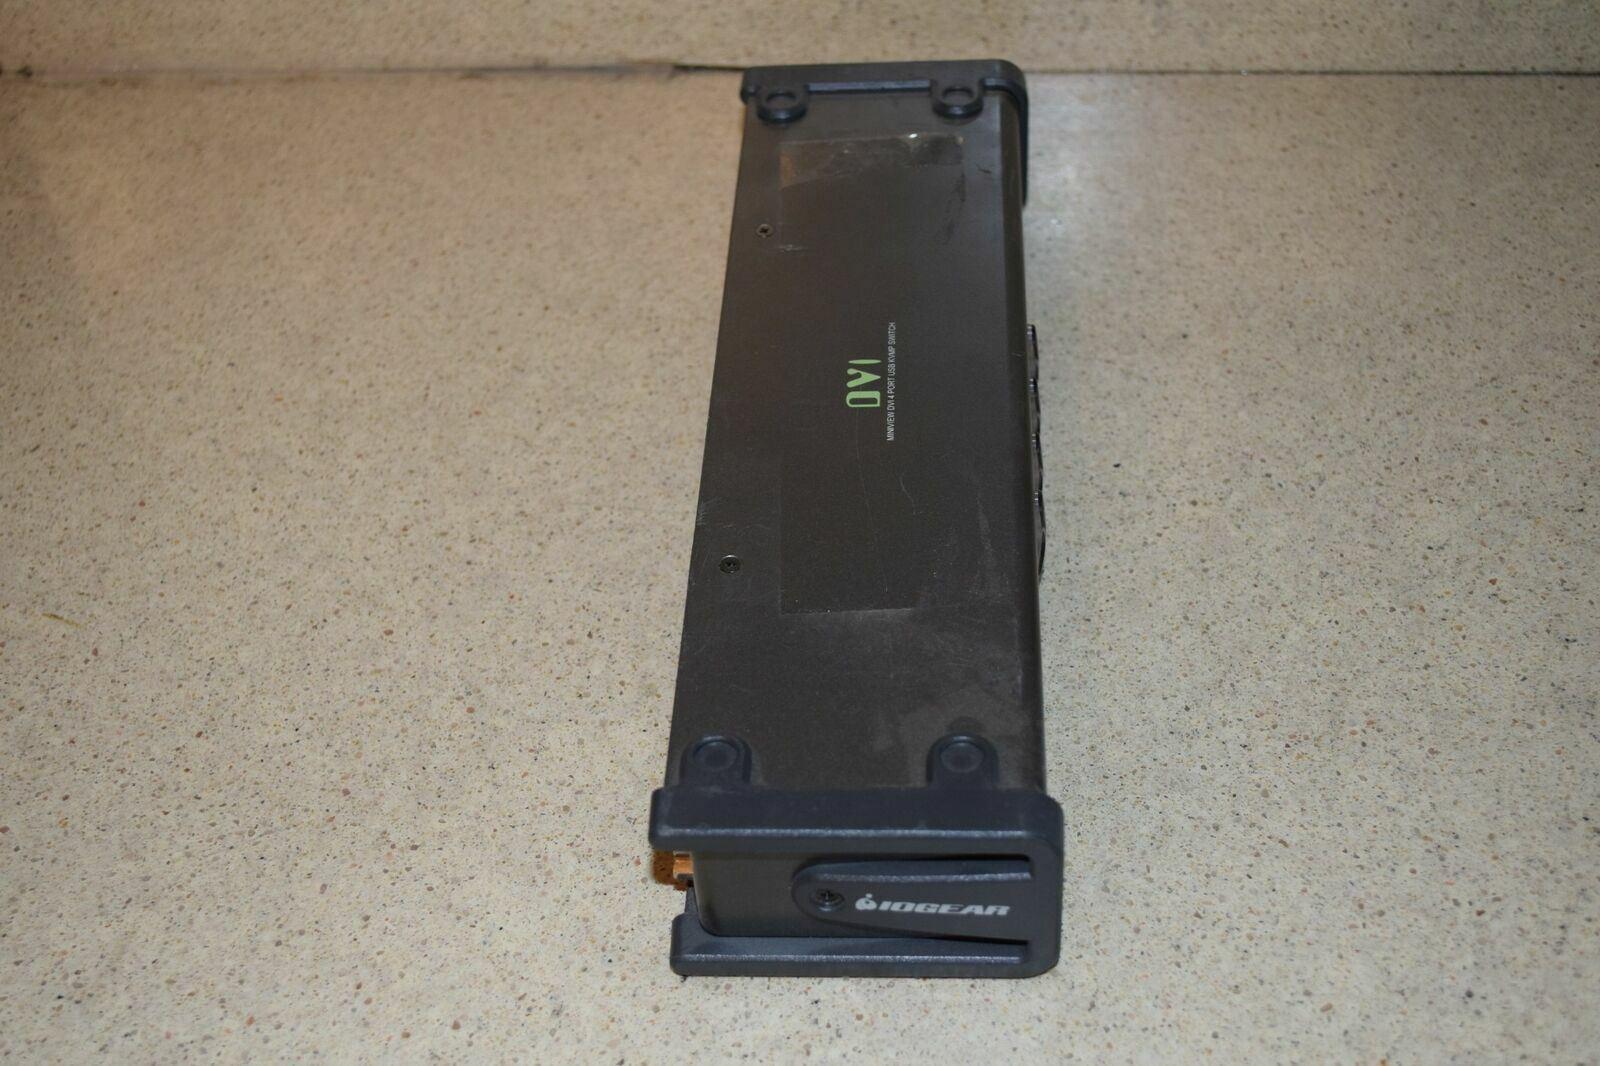 iOGEAR DVI MINIVIEW DVI 4 PORT USB KVMP SWITCH (D1)